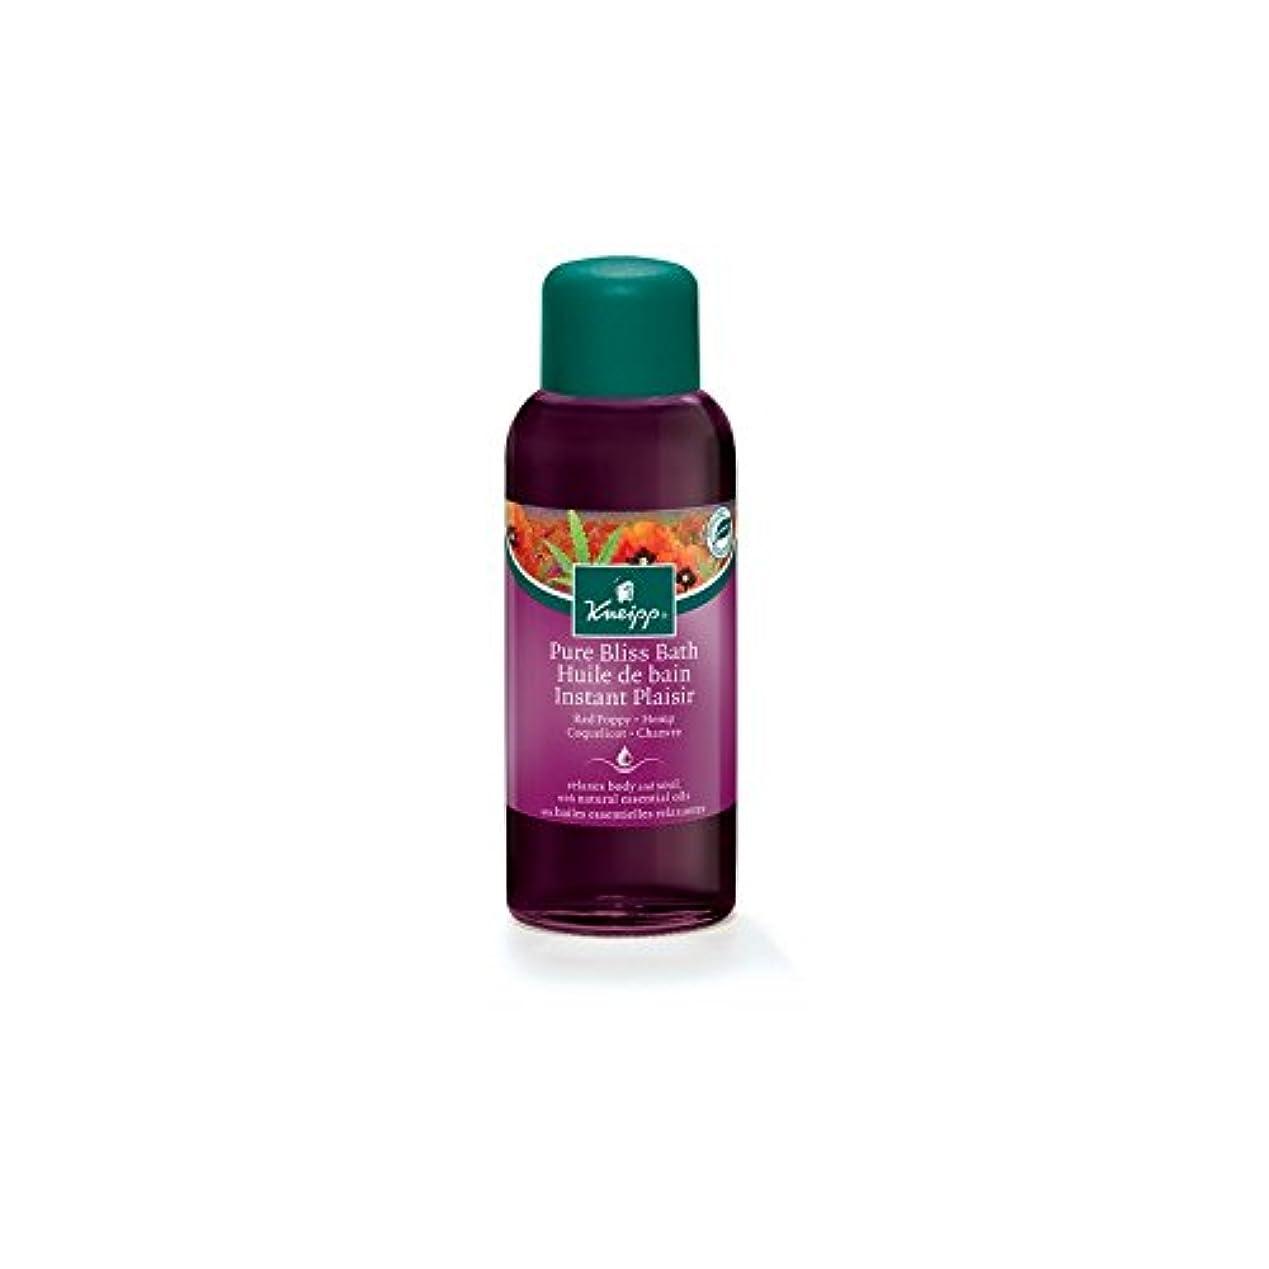 目に見える累積架空のKneipp Pure Bliss Herbal Red Poppy and Hemp Bath Oil (100ml) - クナイプ純粋な至福ハーブの赤いケシと麻バスオイル(100ミリリットル) [並行輸入品]